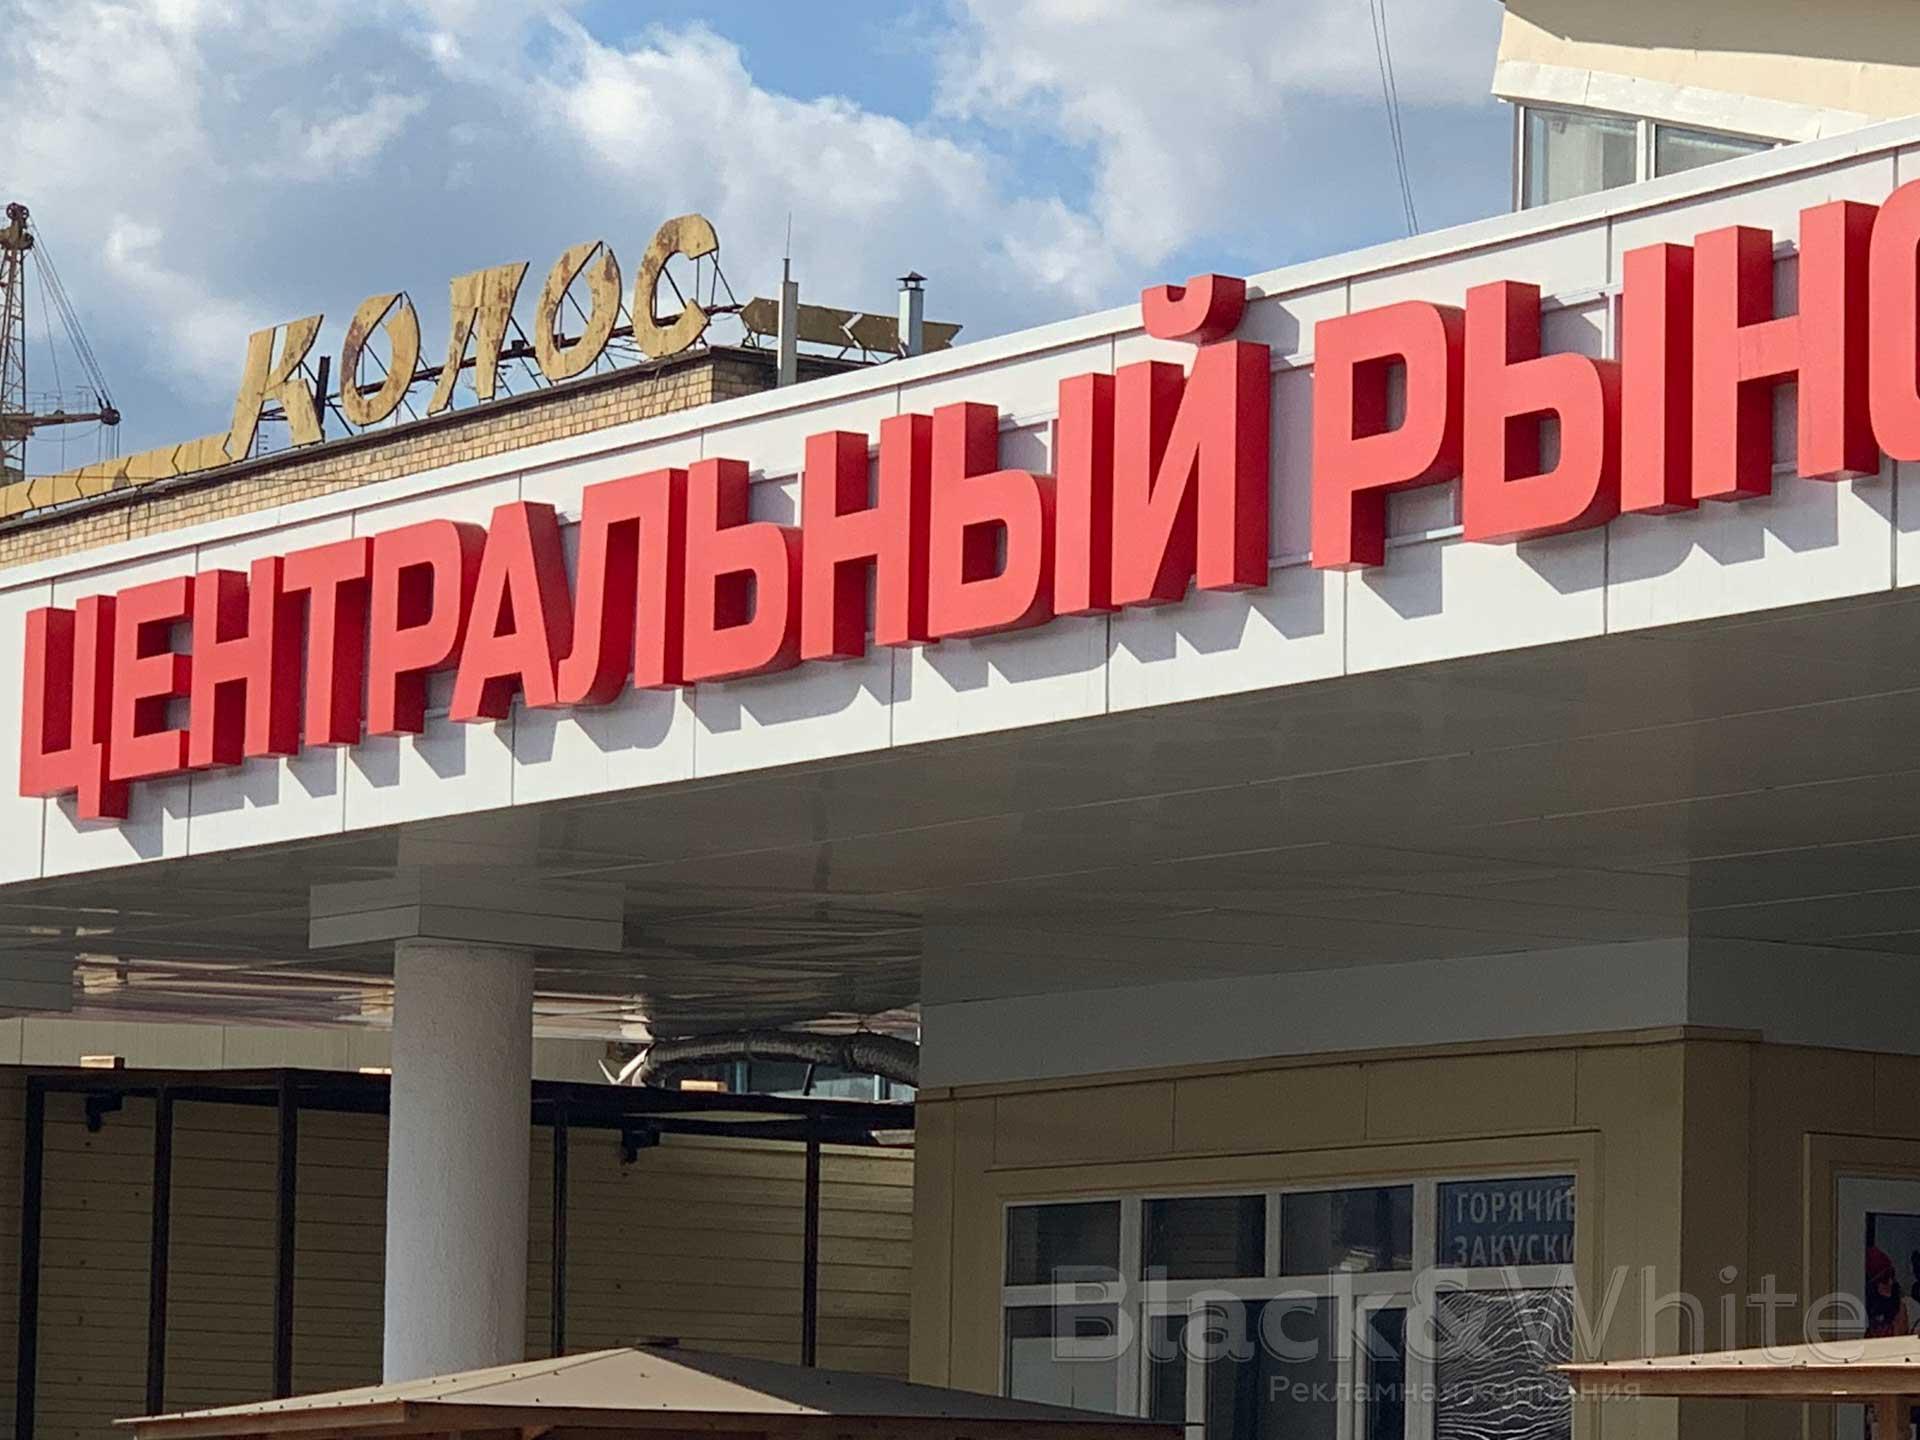 вывеска-для-центрального-рынка-со-световыми-объёмными-буквами-на-металлокаркасе-в-Красноярске-bw..jpg